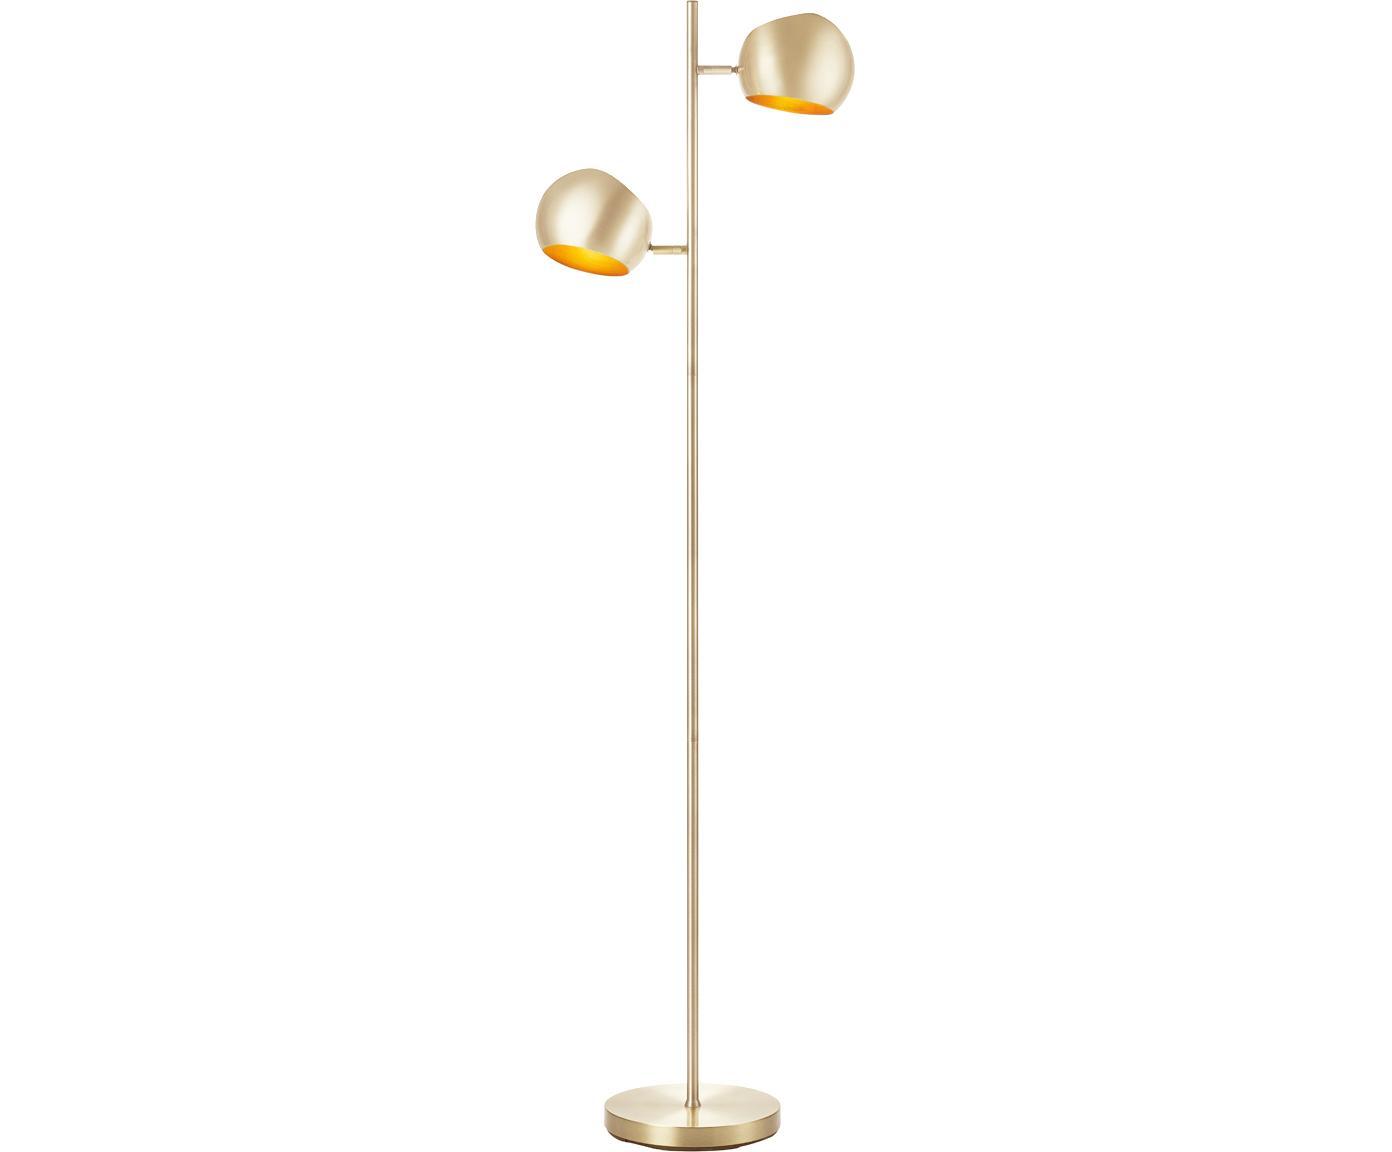 Lampa podłogowa Edgar, Mosiężny, antyczne wykończenie, S 40 x W 145 cm